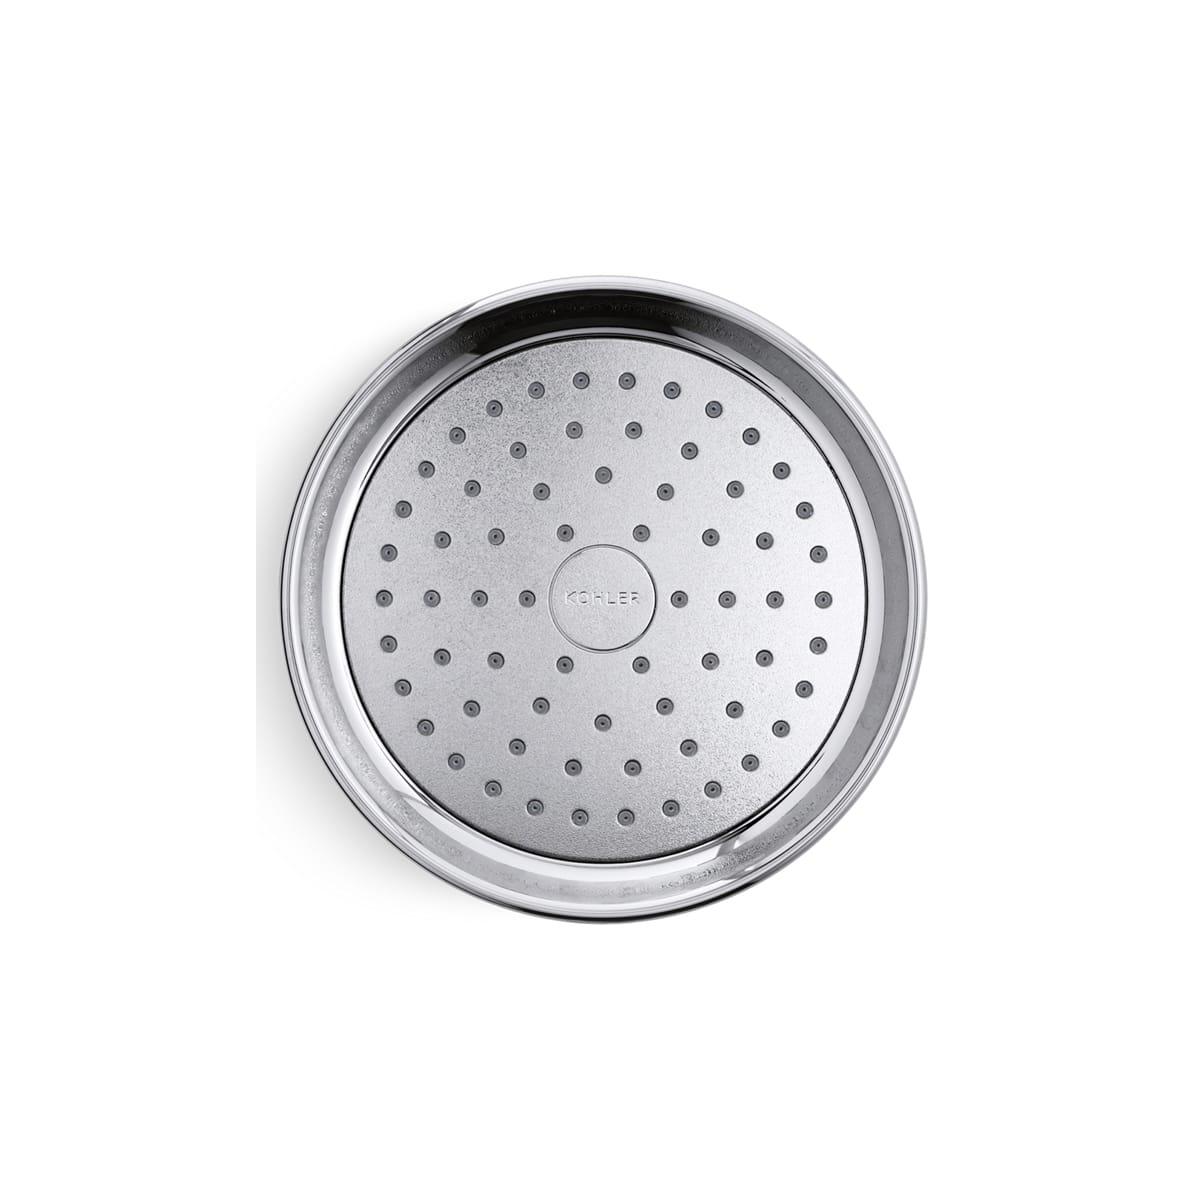 Kohler K 16244 Ak Bn Margaux Single Function Katalyst Shower